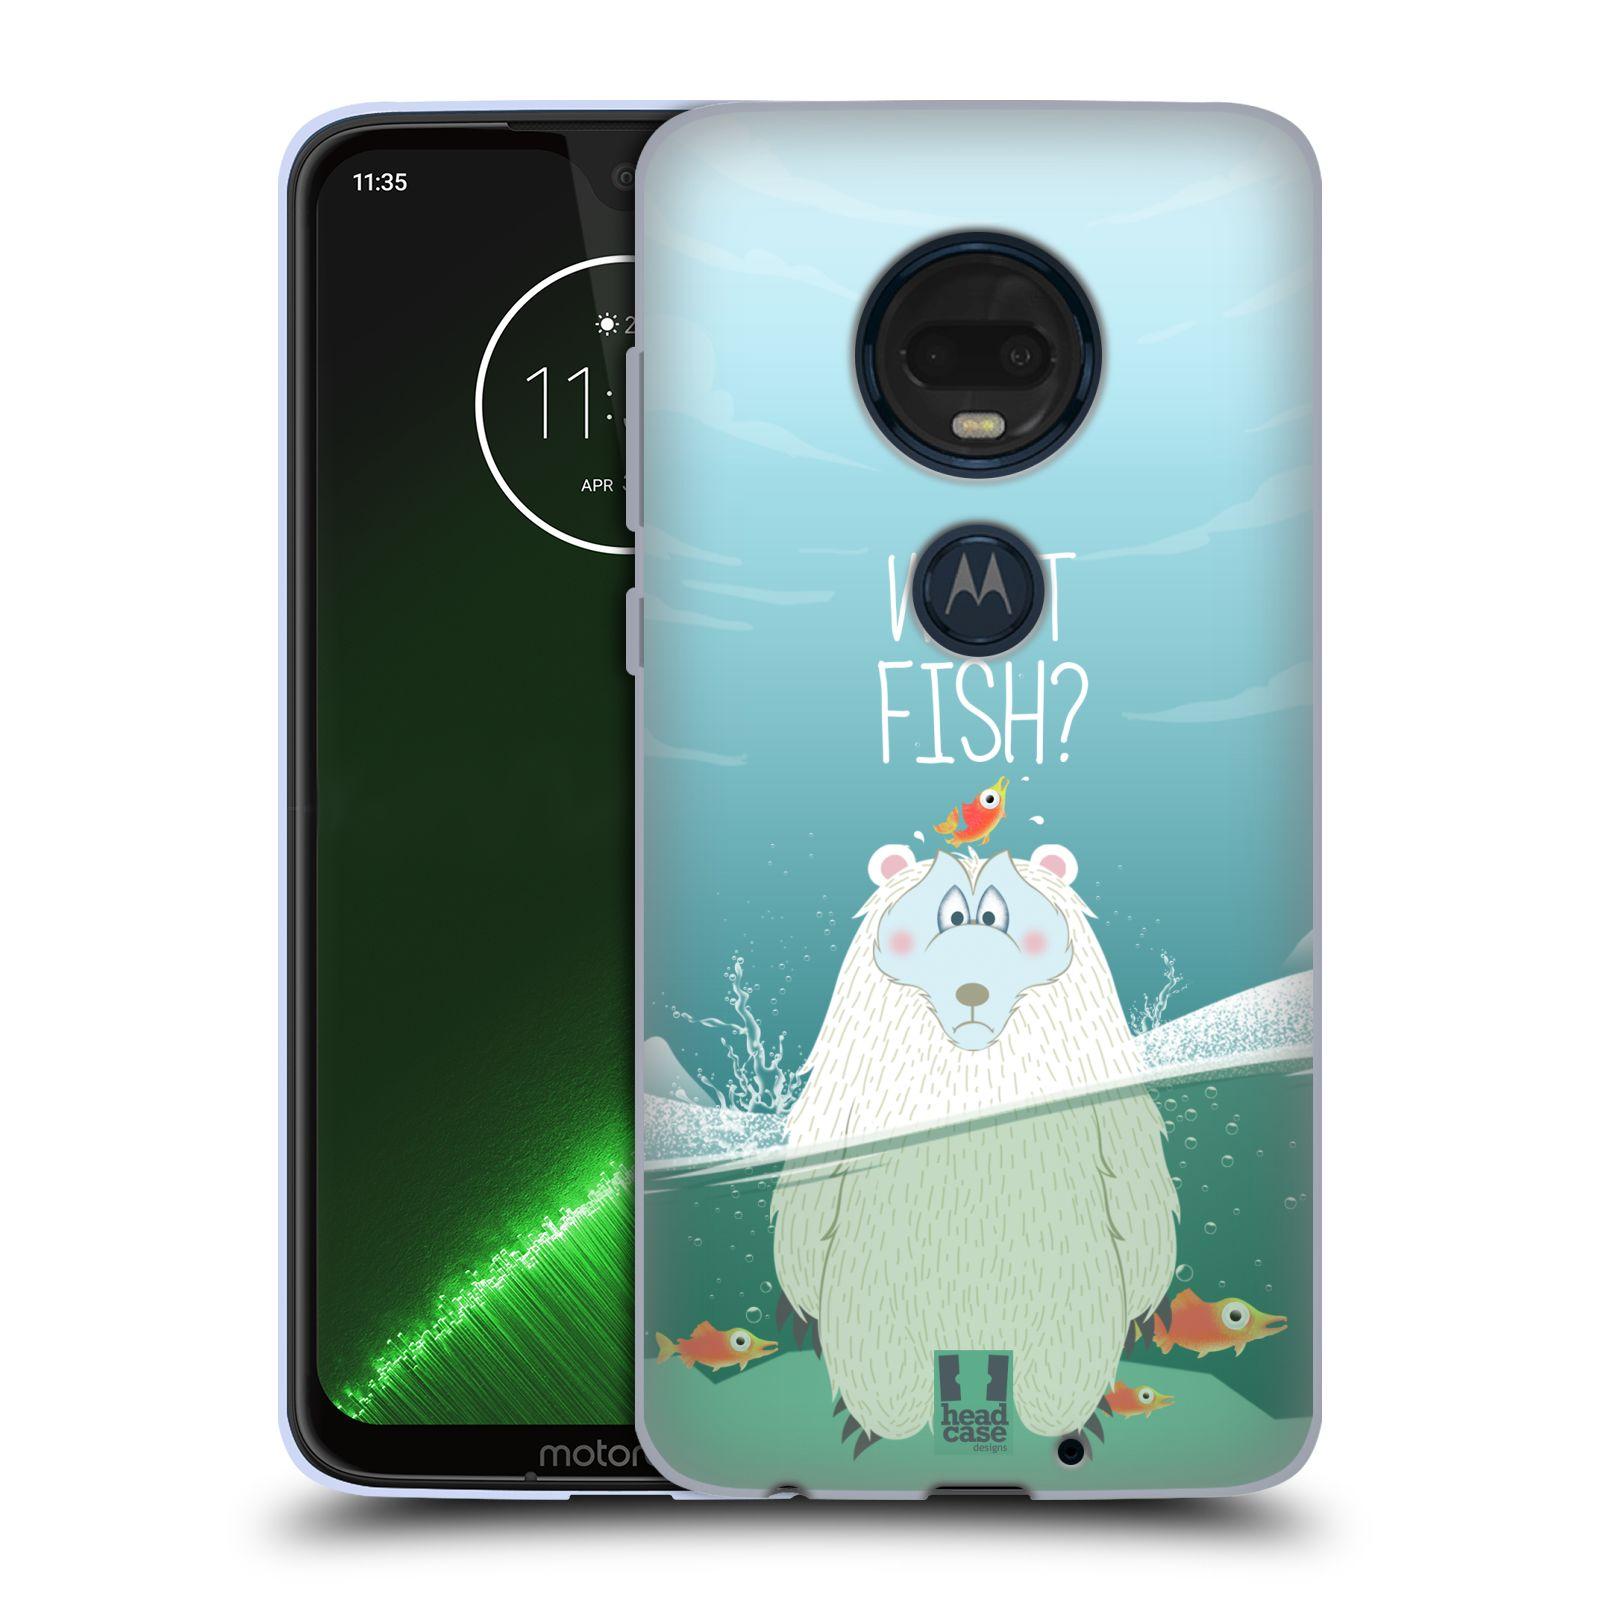 Silikonové pouzdro na mobil Motorola Moto G7 Plus - Head Case - Medvěd Whut Fish?